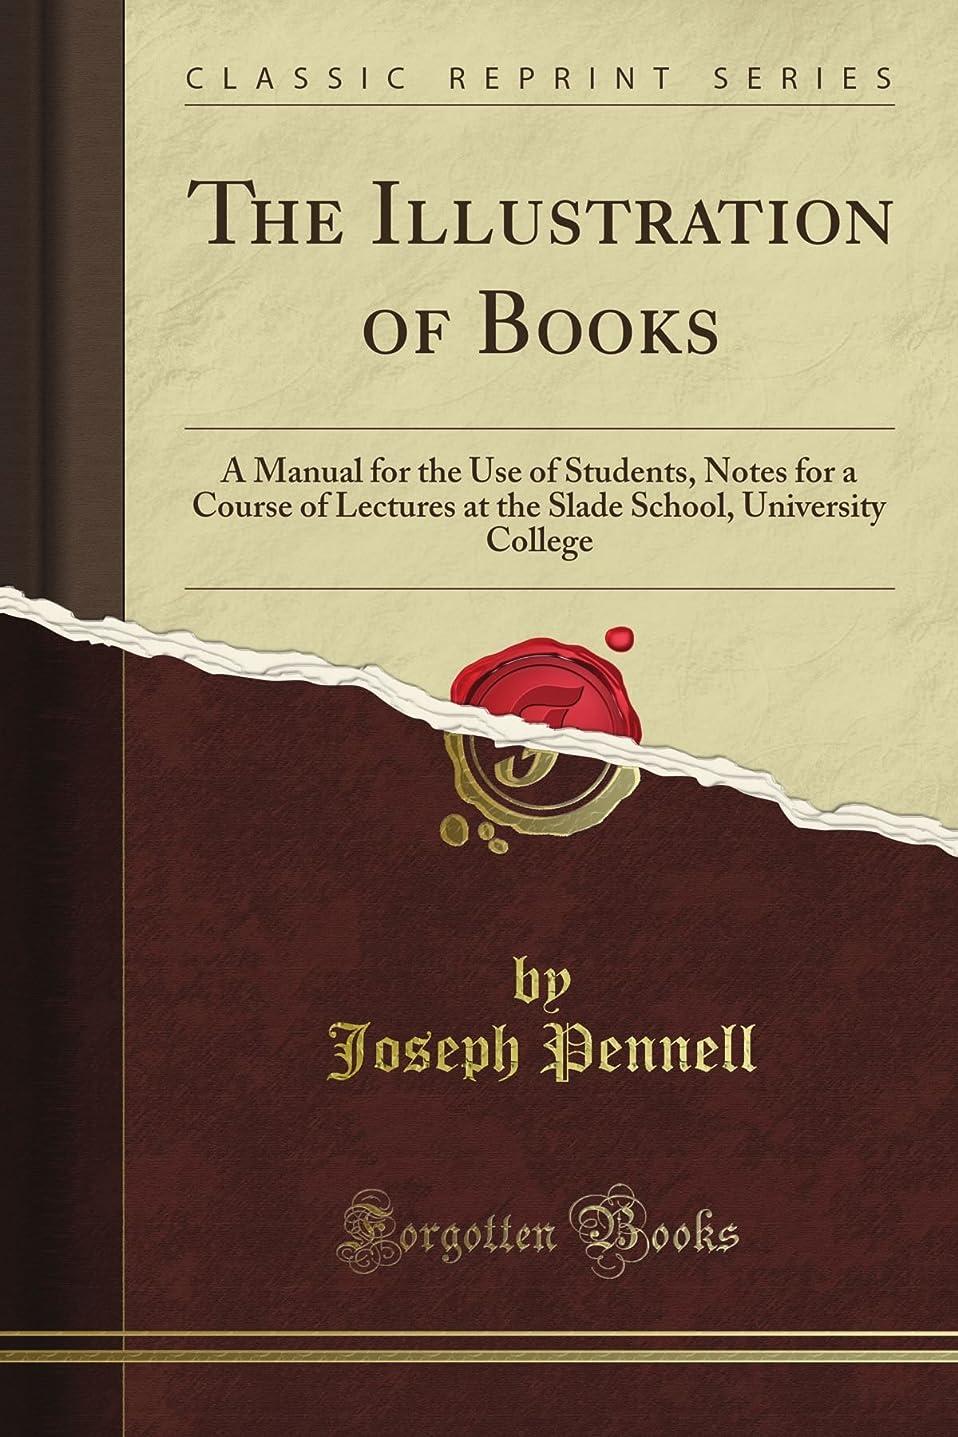 外出追放する造船The Illustration of Books: A Manual for the Use of Students, Notes for a Course of Lectures at the Slade School, University College (Classic Reprint)